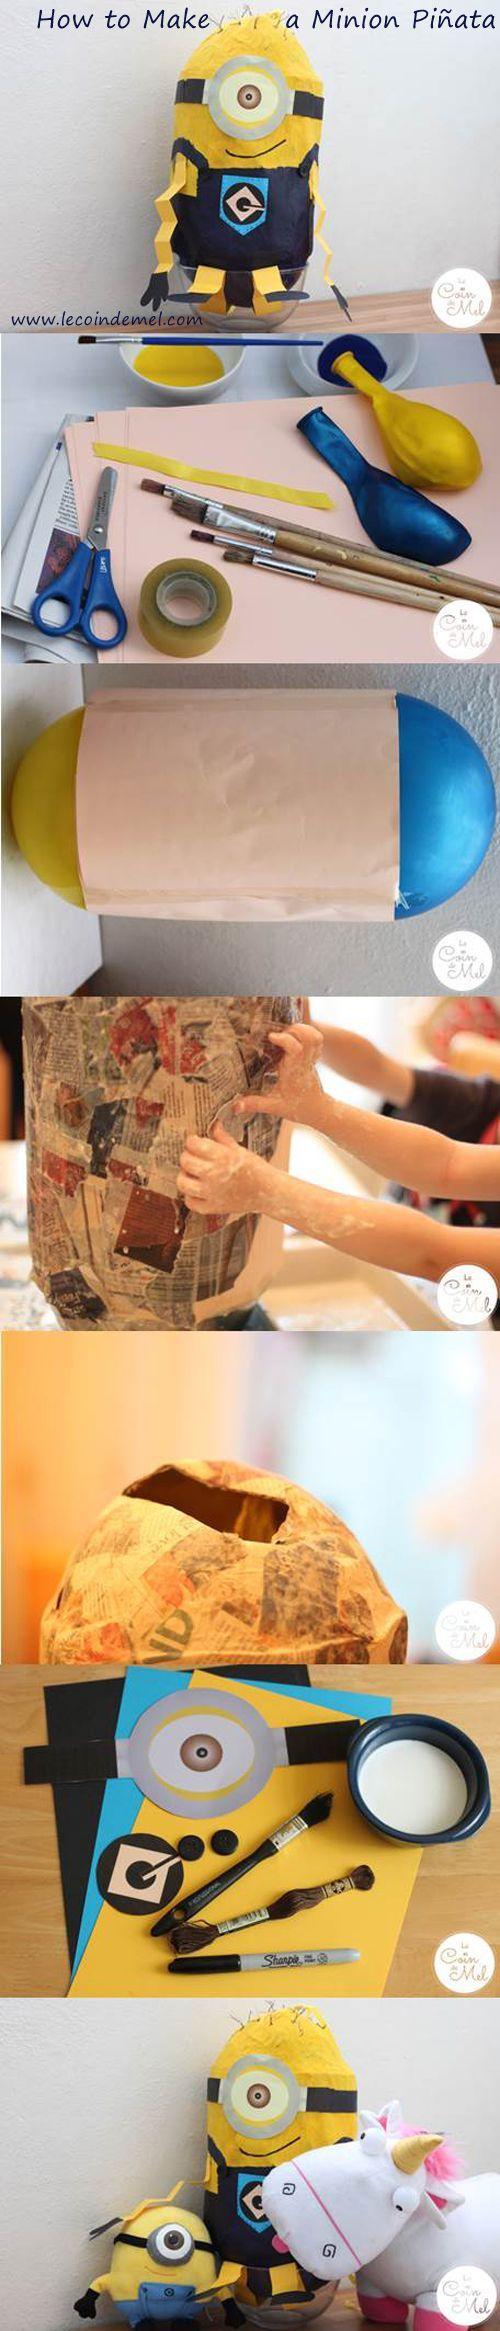 Algo más para niños puede ser alguno de los Minions, partiendo de papel y globos (les encantará, no tienes por qué complicarte):